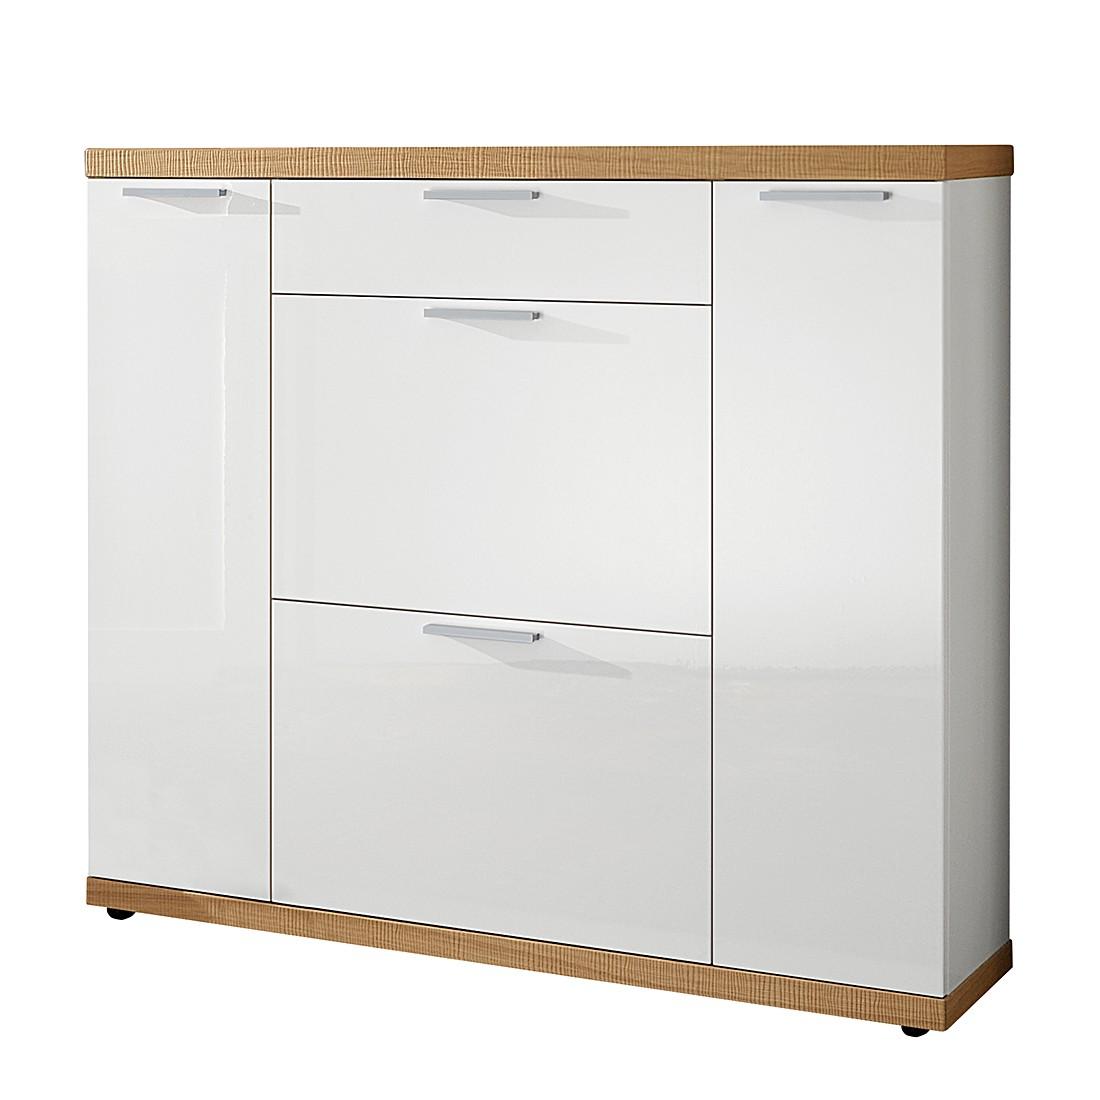 schuhschr nke online kaufen m bel suchmaschine. Black Bedroom Furniture Sets. Home Design Ideas